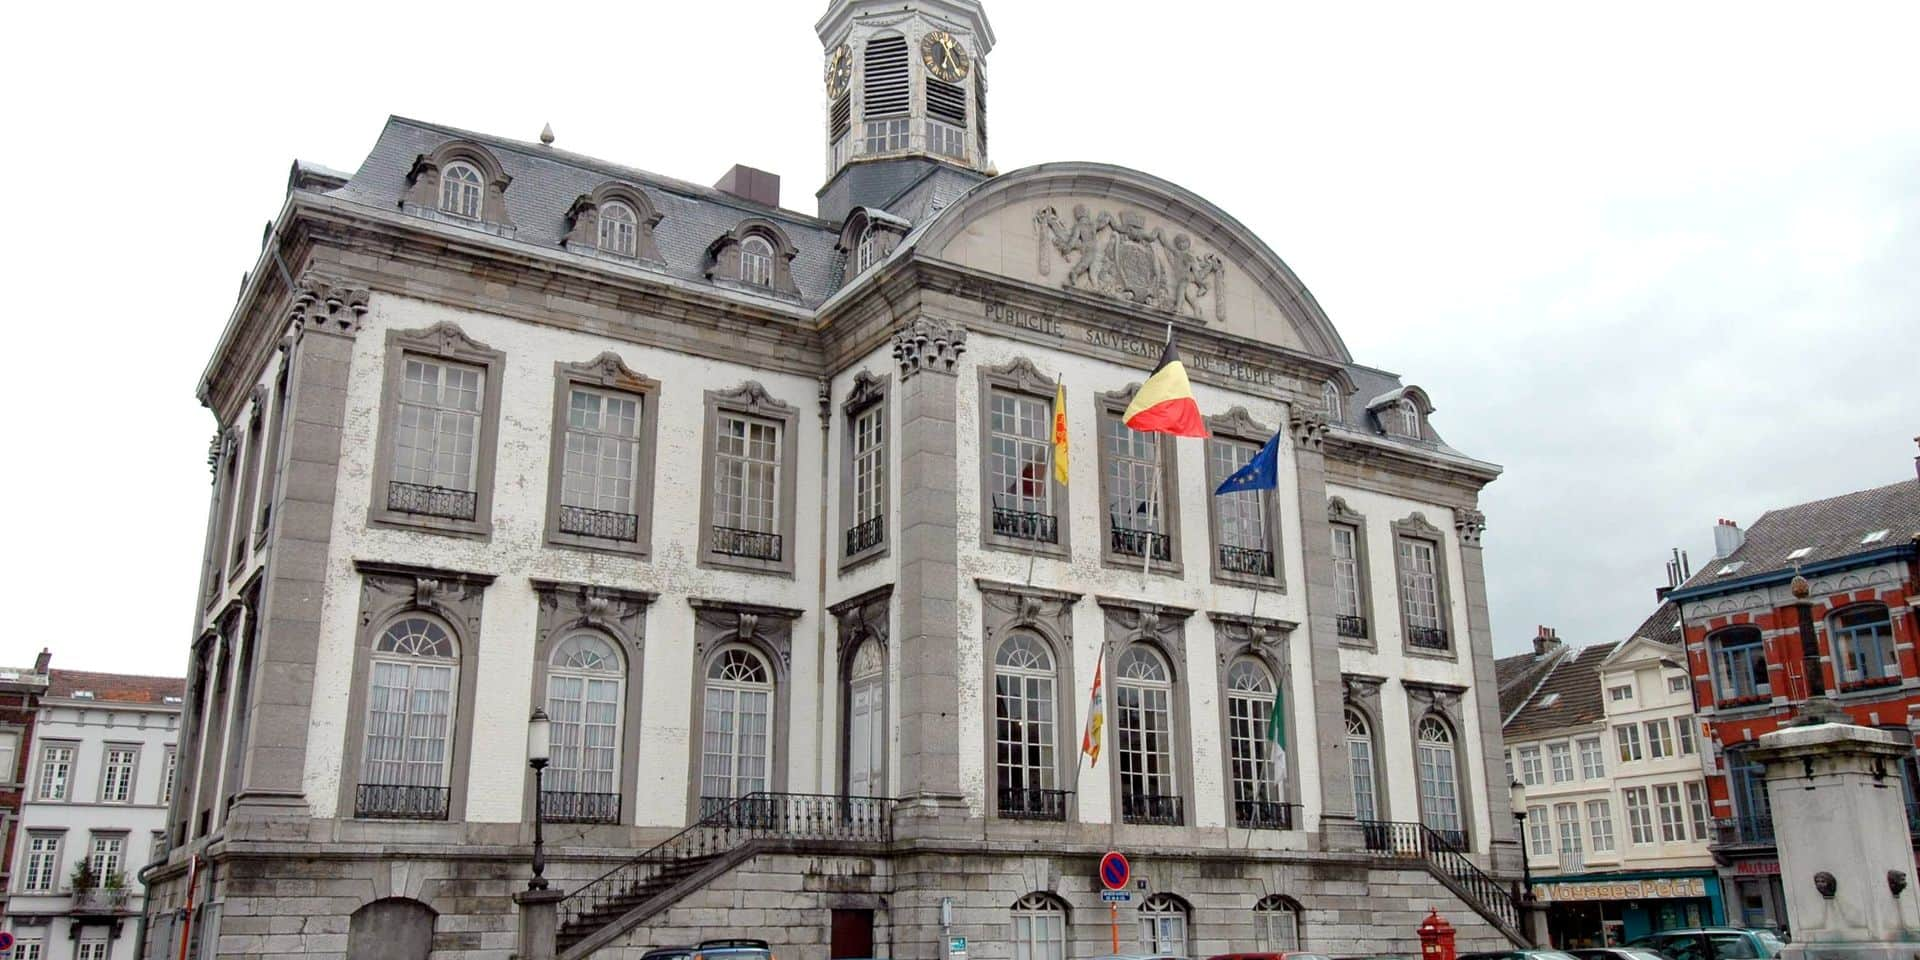 Hôtel de ville de Verviers